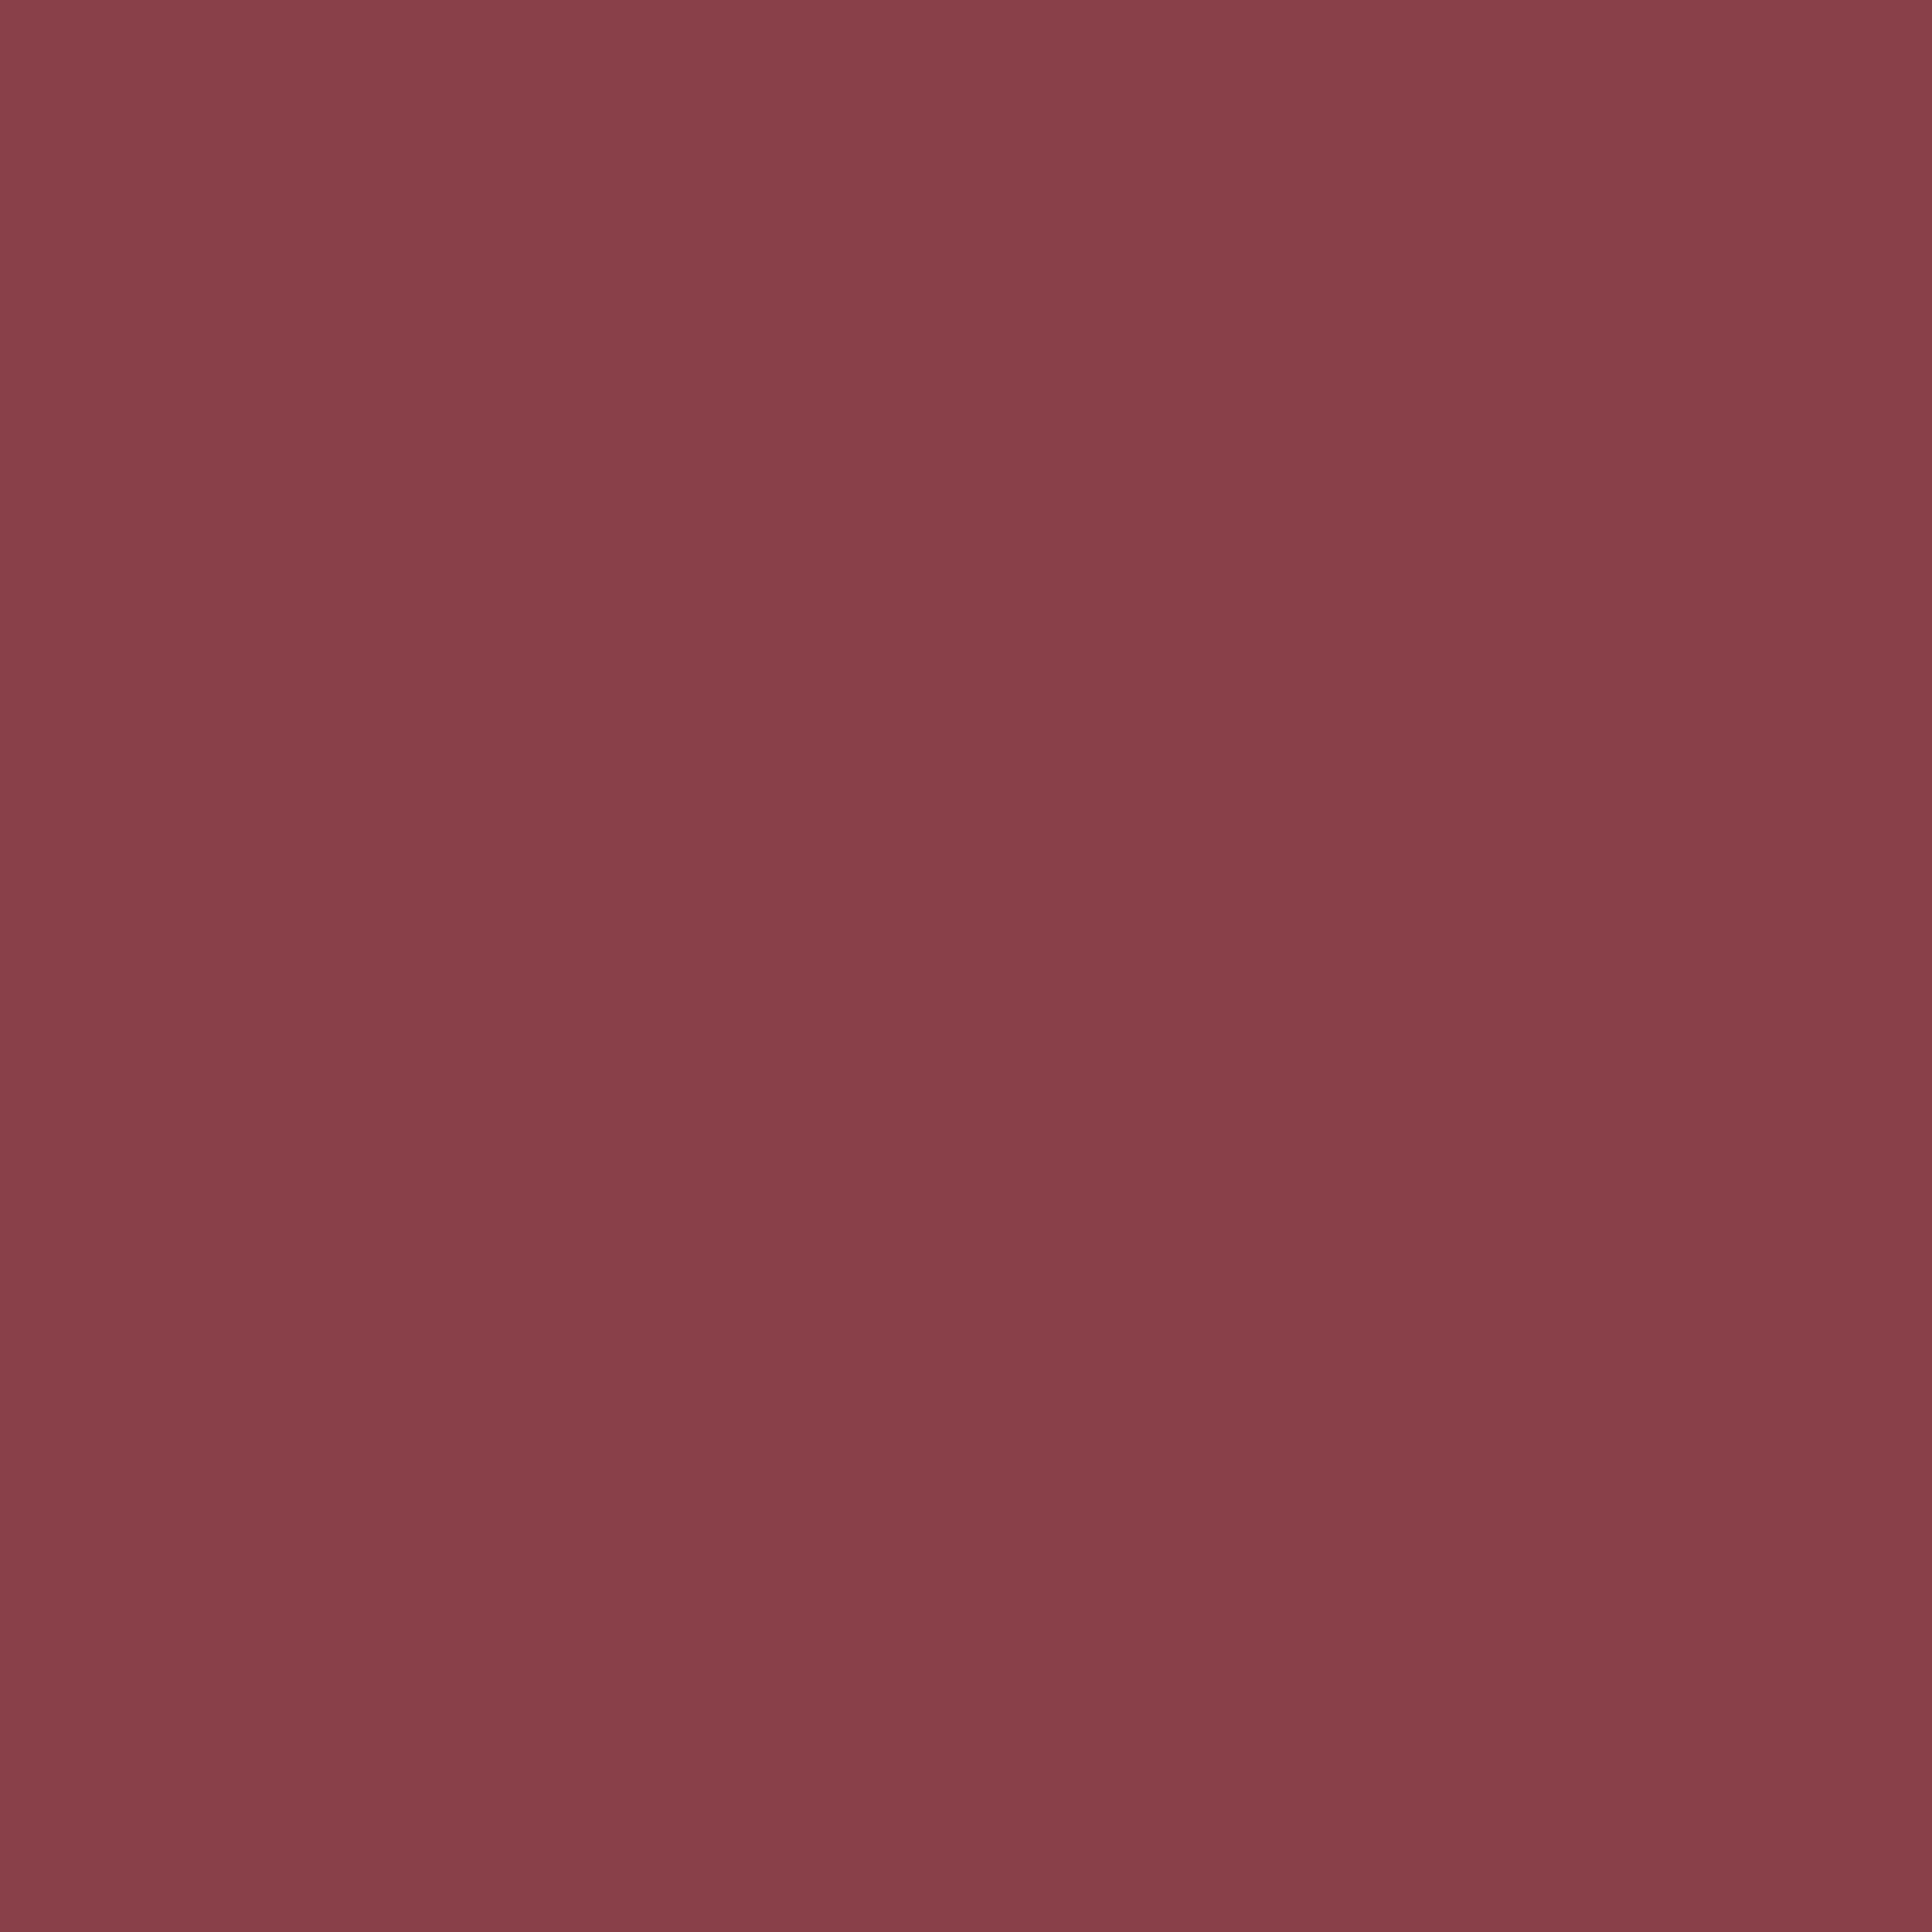 3600x3600 Cordovan Solid Color Background